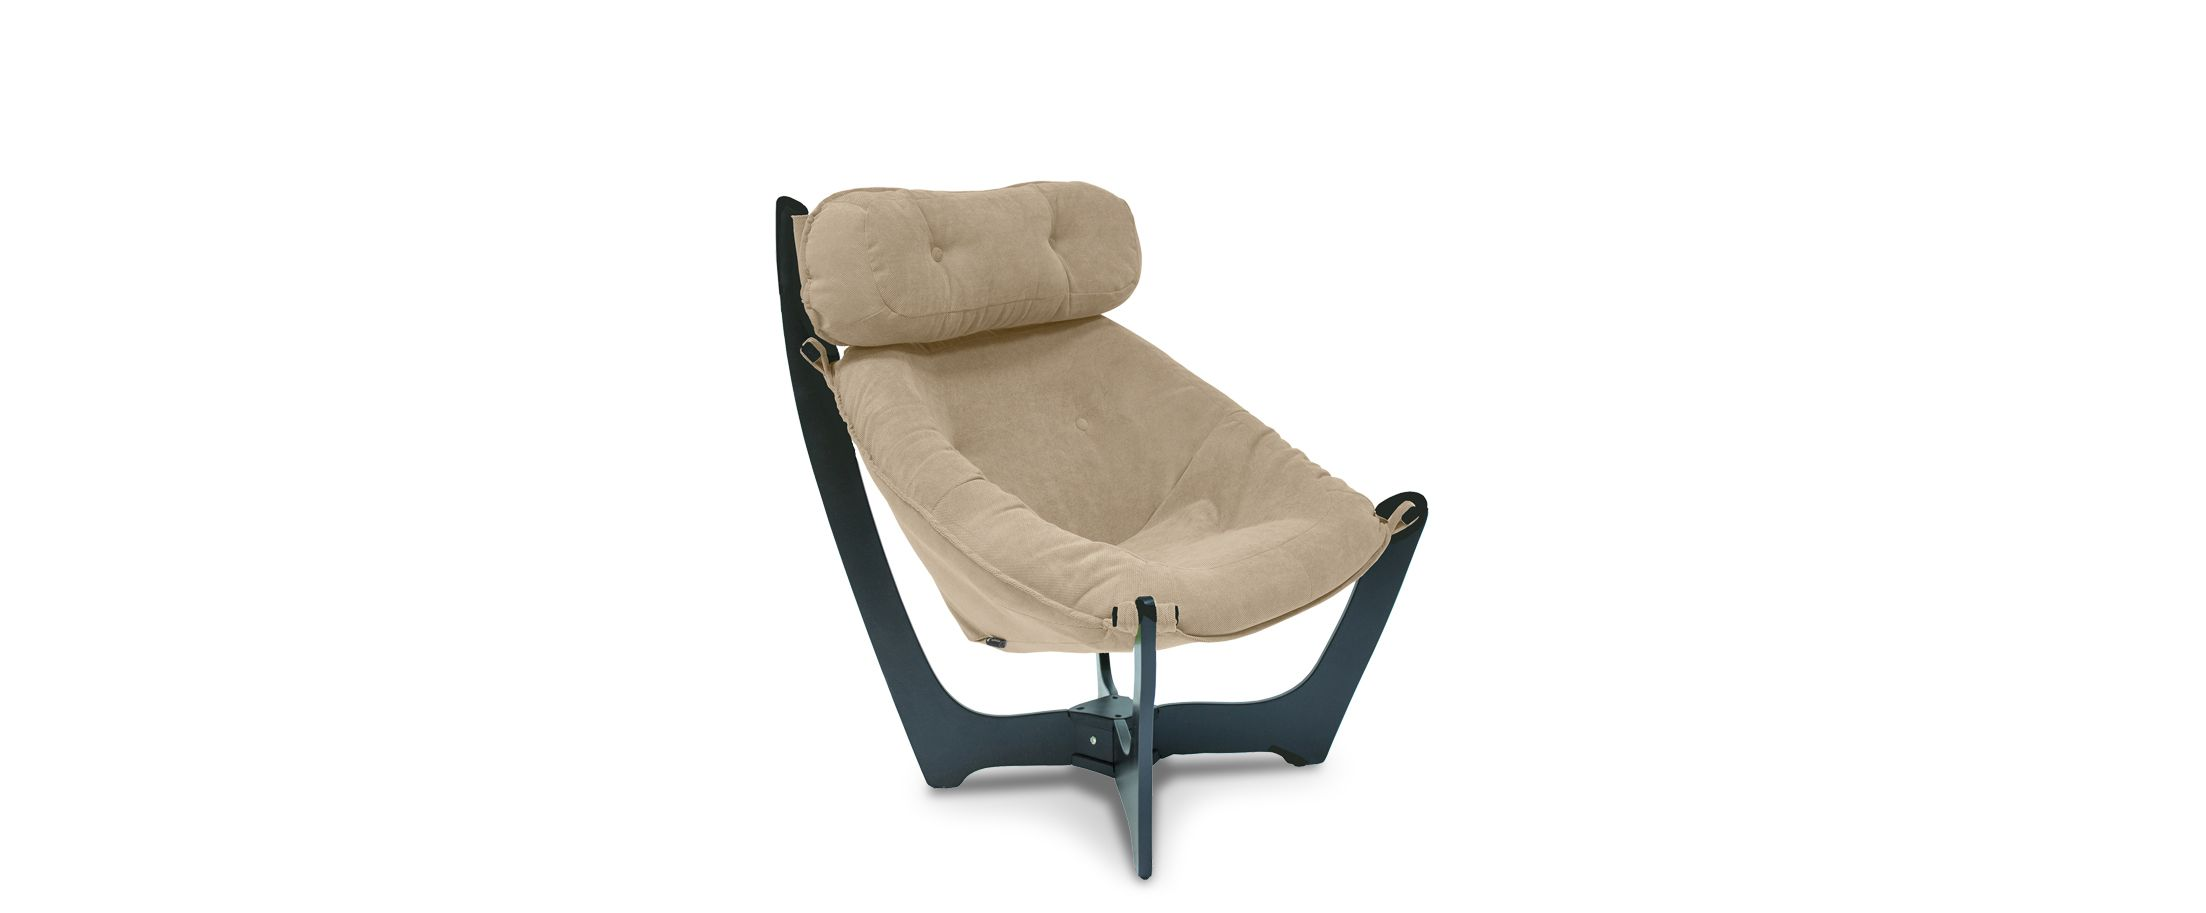 Кресло для отдыха 11Кресло для отдыха 11 ванильного цвета Модель 364 артикул С000117<br>